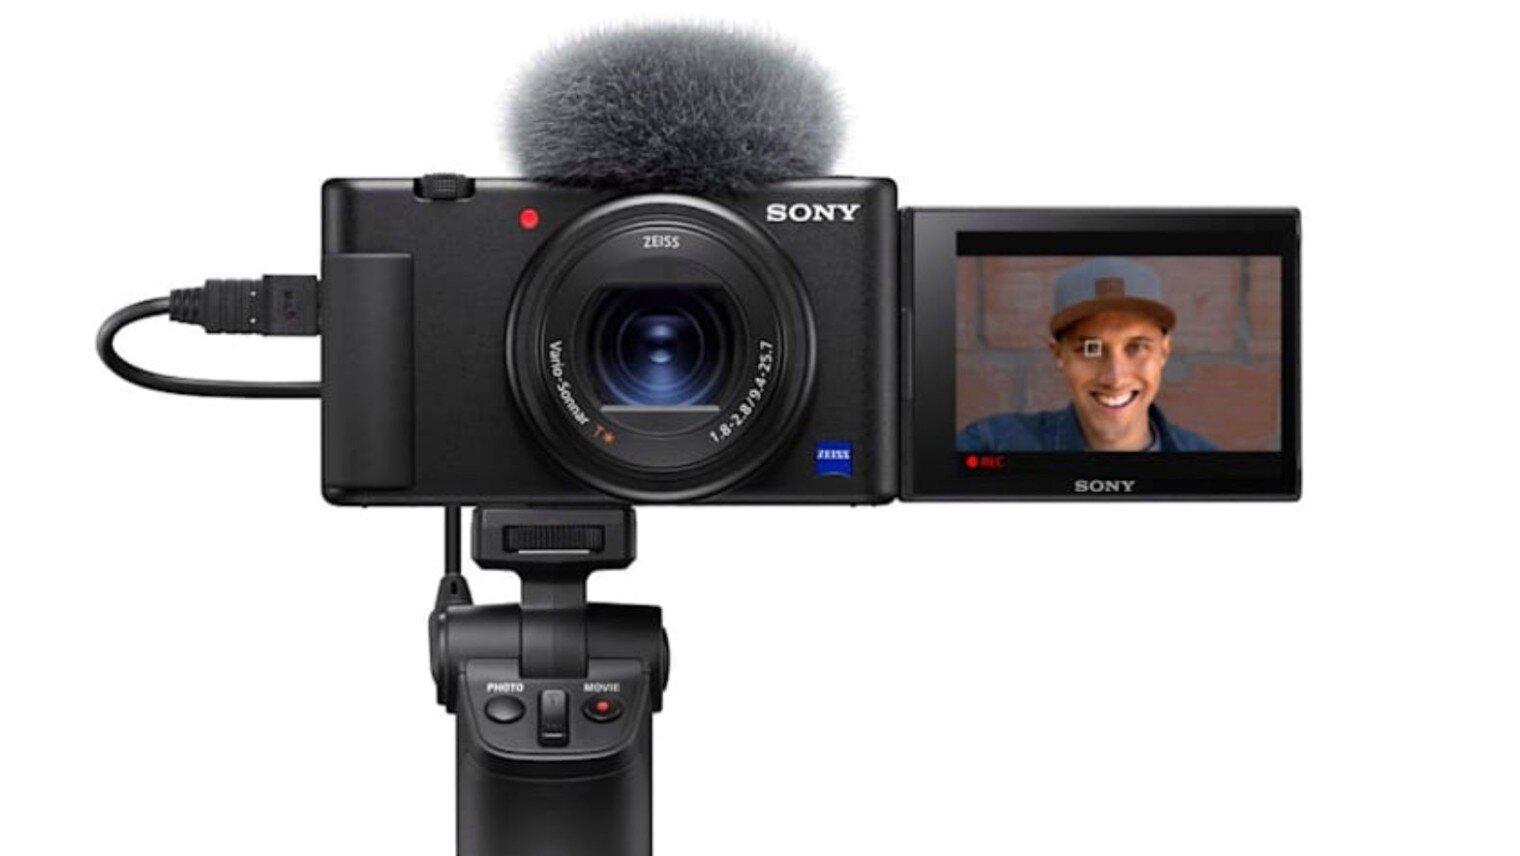 Vloggerlar için başarılı bir kamera